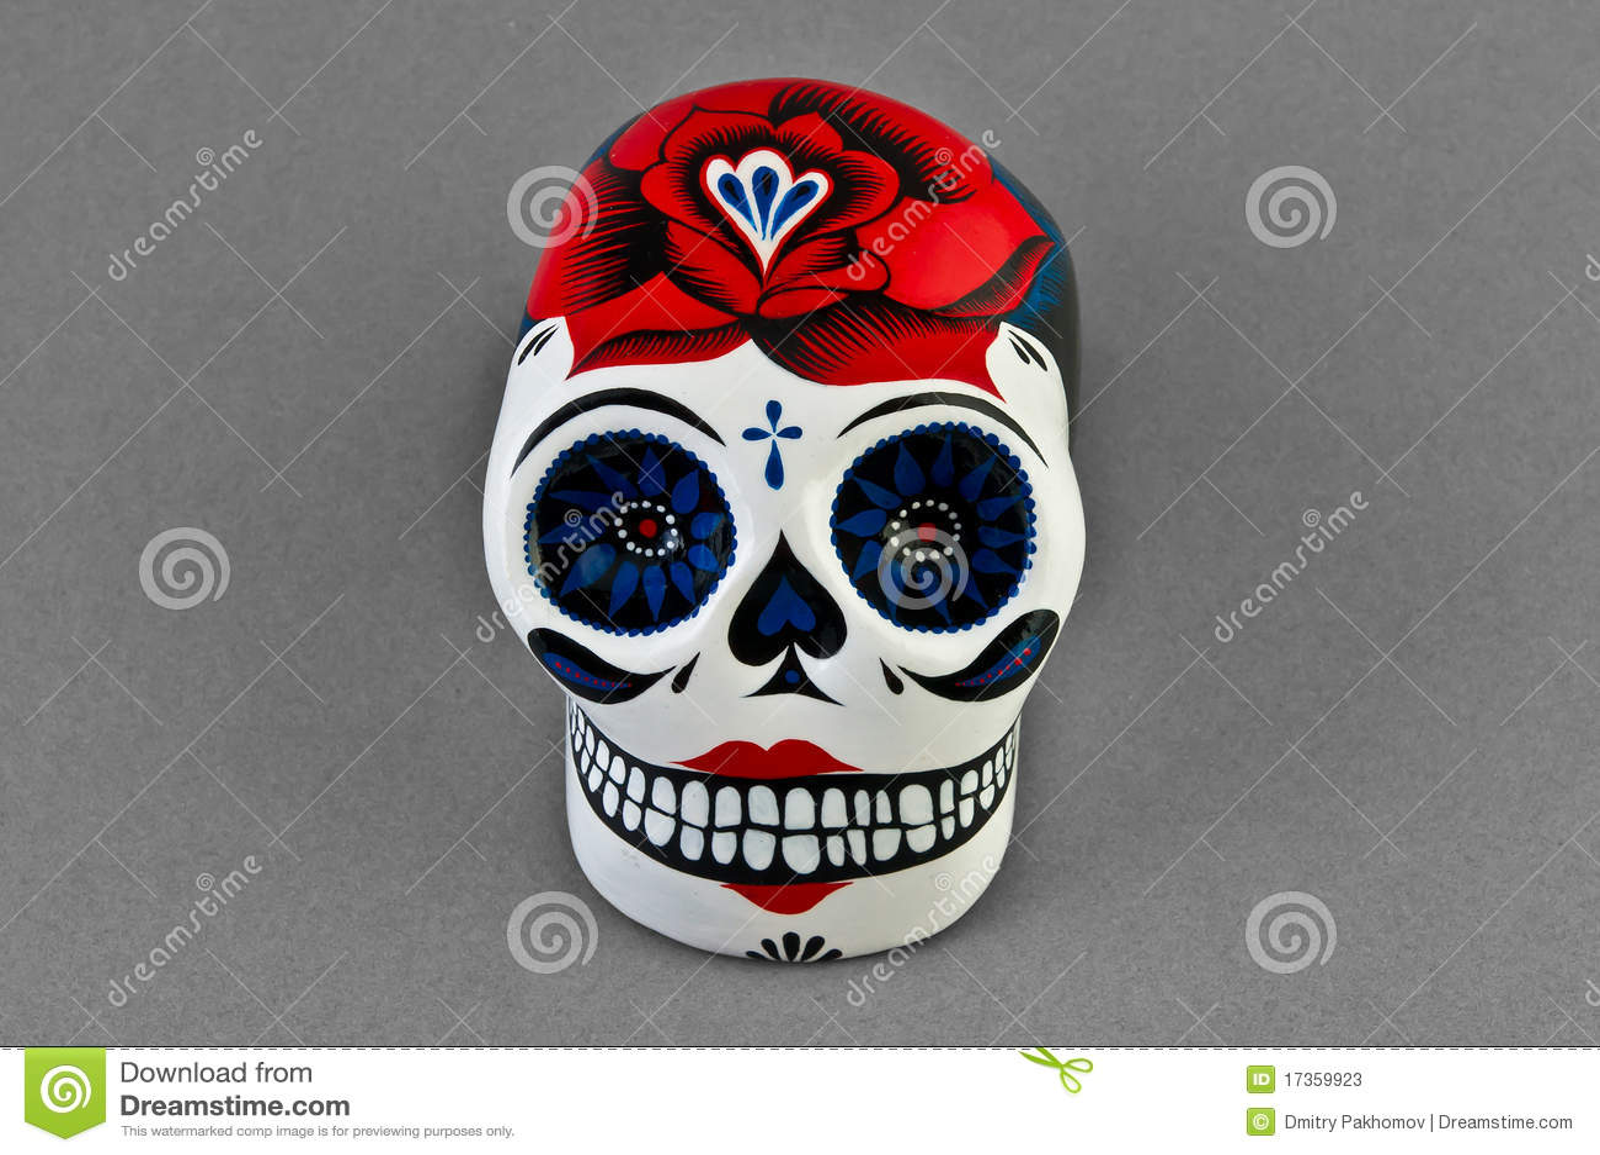 Catrina Calavera Stock Image Image Of Latin Horror 17359923